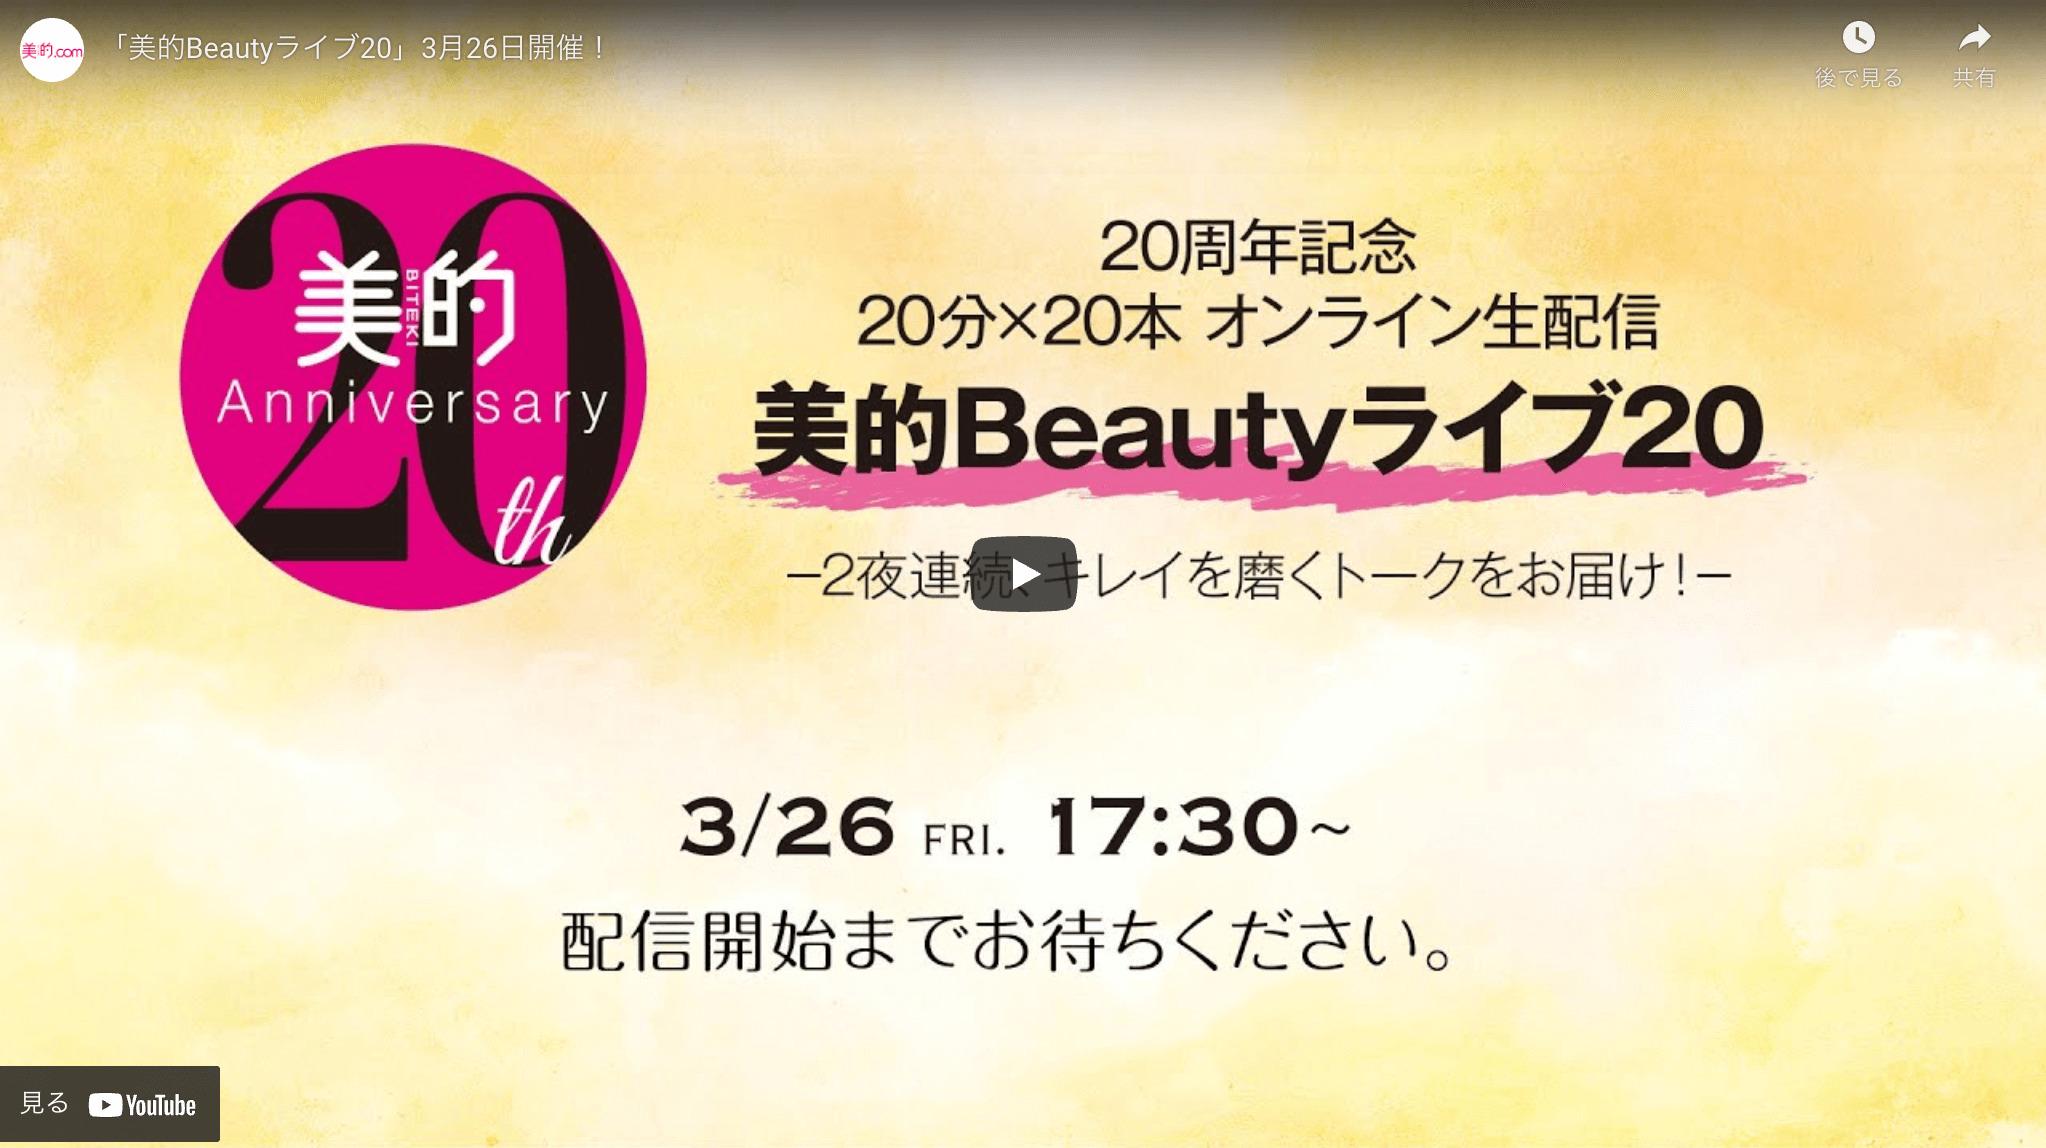 「美的ビューティーライブ20」に田中みな実さんが出演!